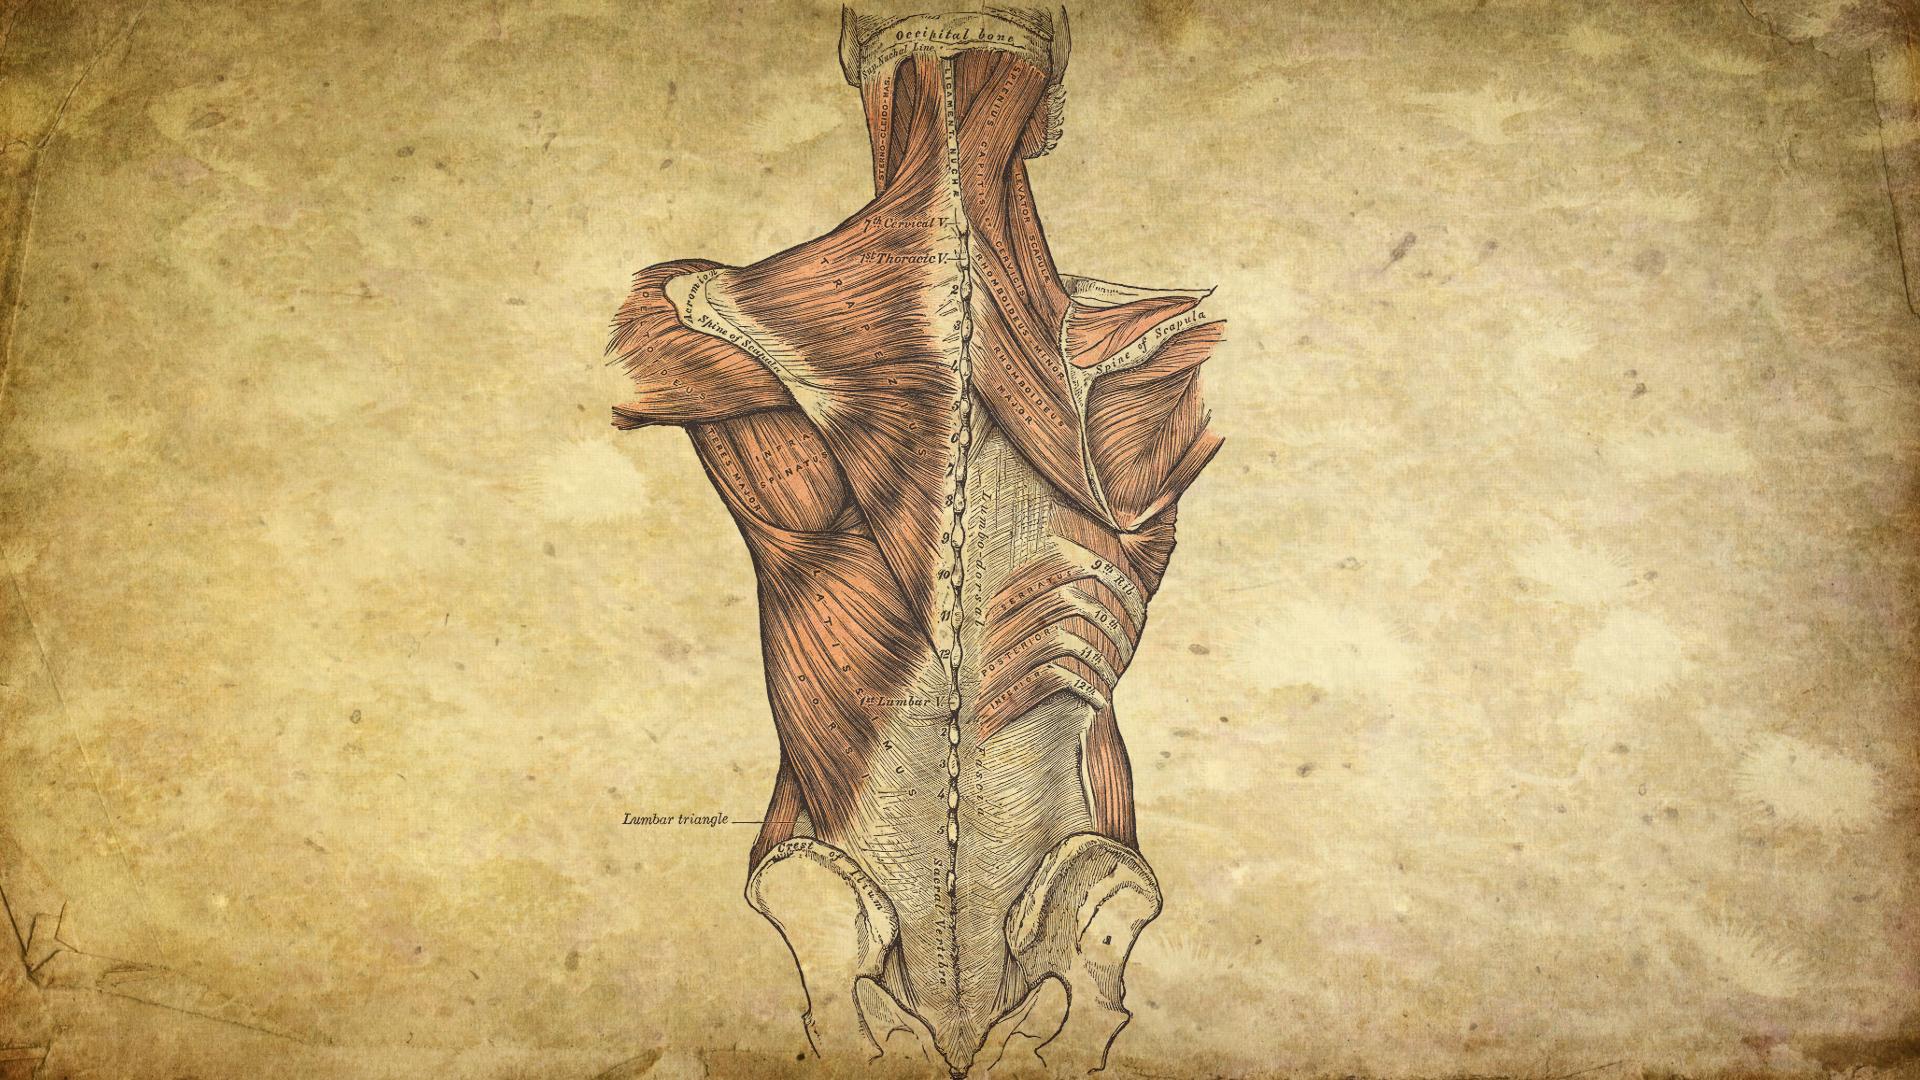 Human Anatomy Wallpapers High Quality Human Anatomy Anatomy Human Anatomy Chart